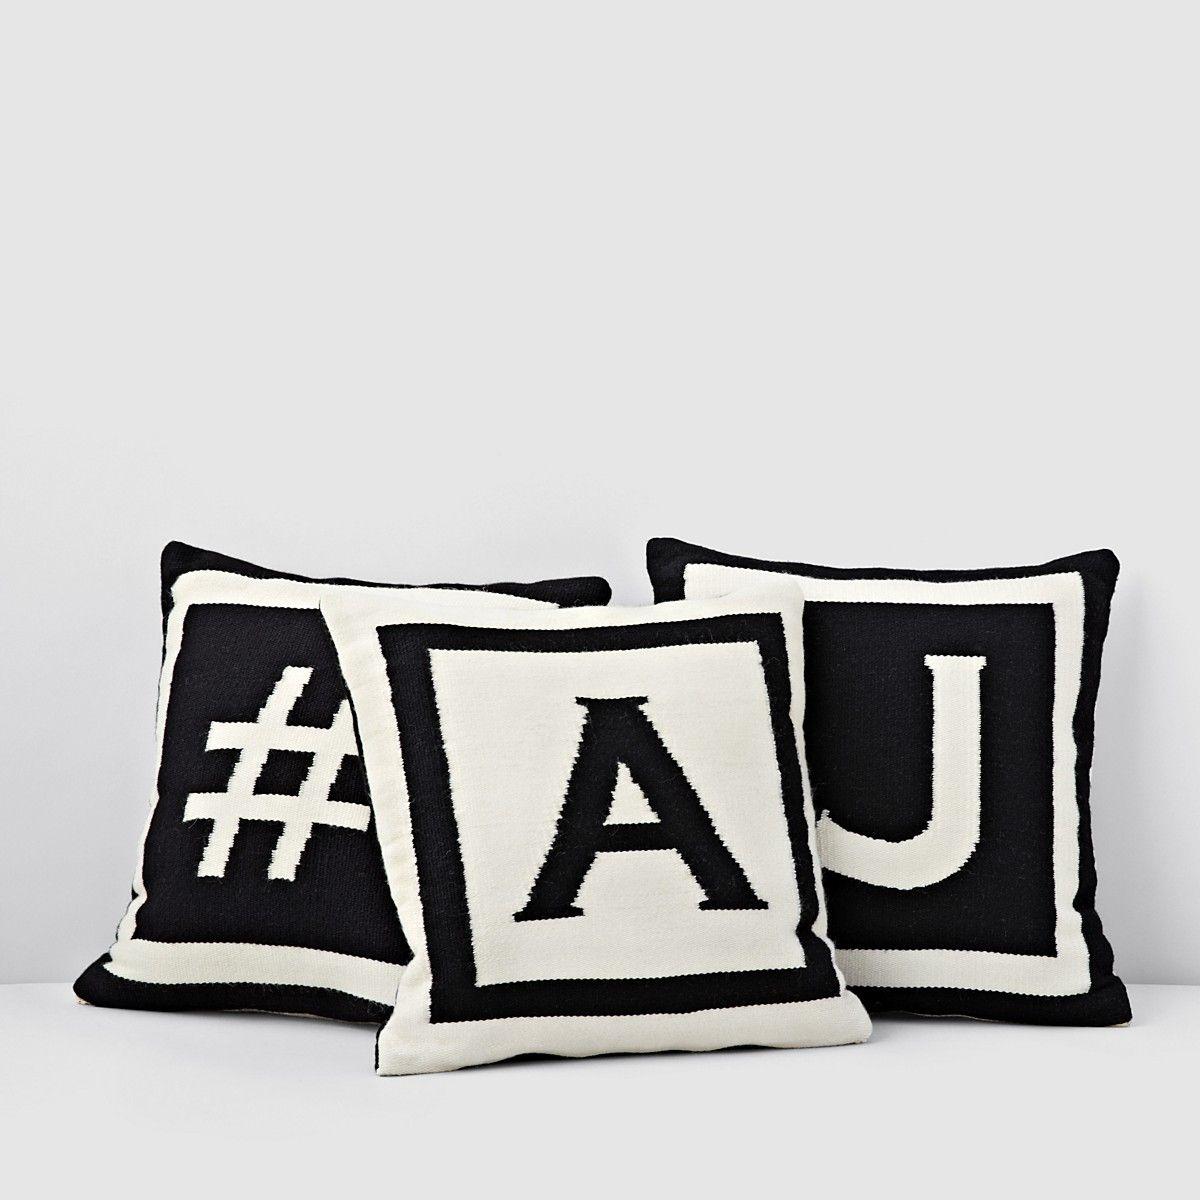 Jonathan Adler Letter Pillow  Bloomingdales  I Pillows